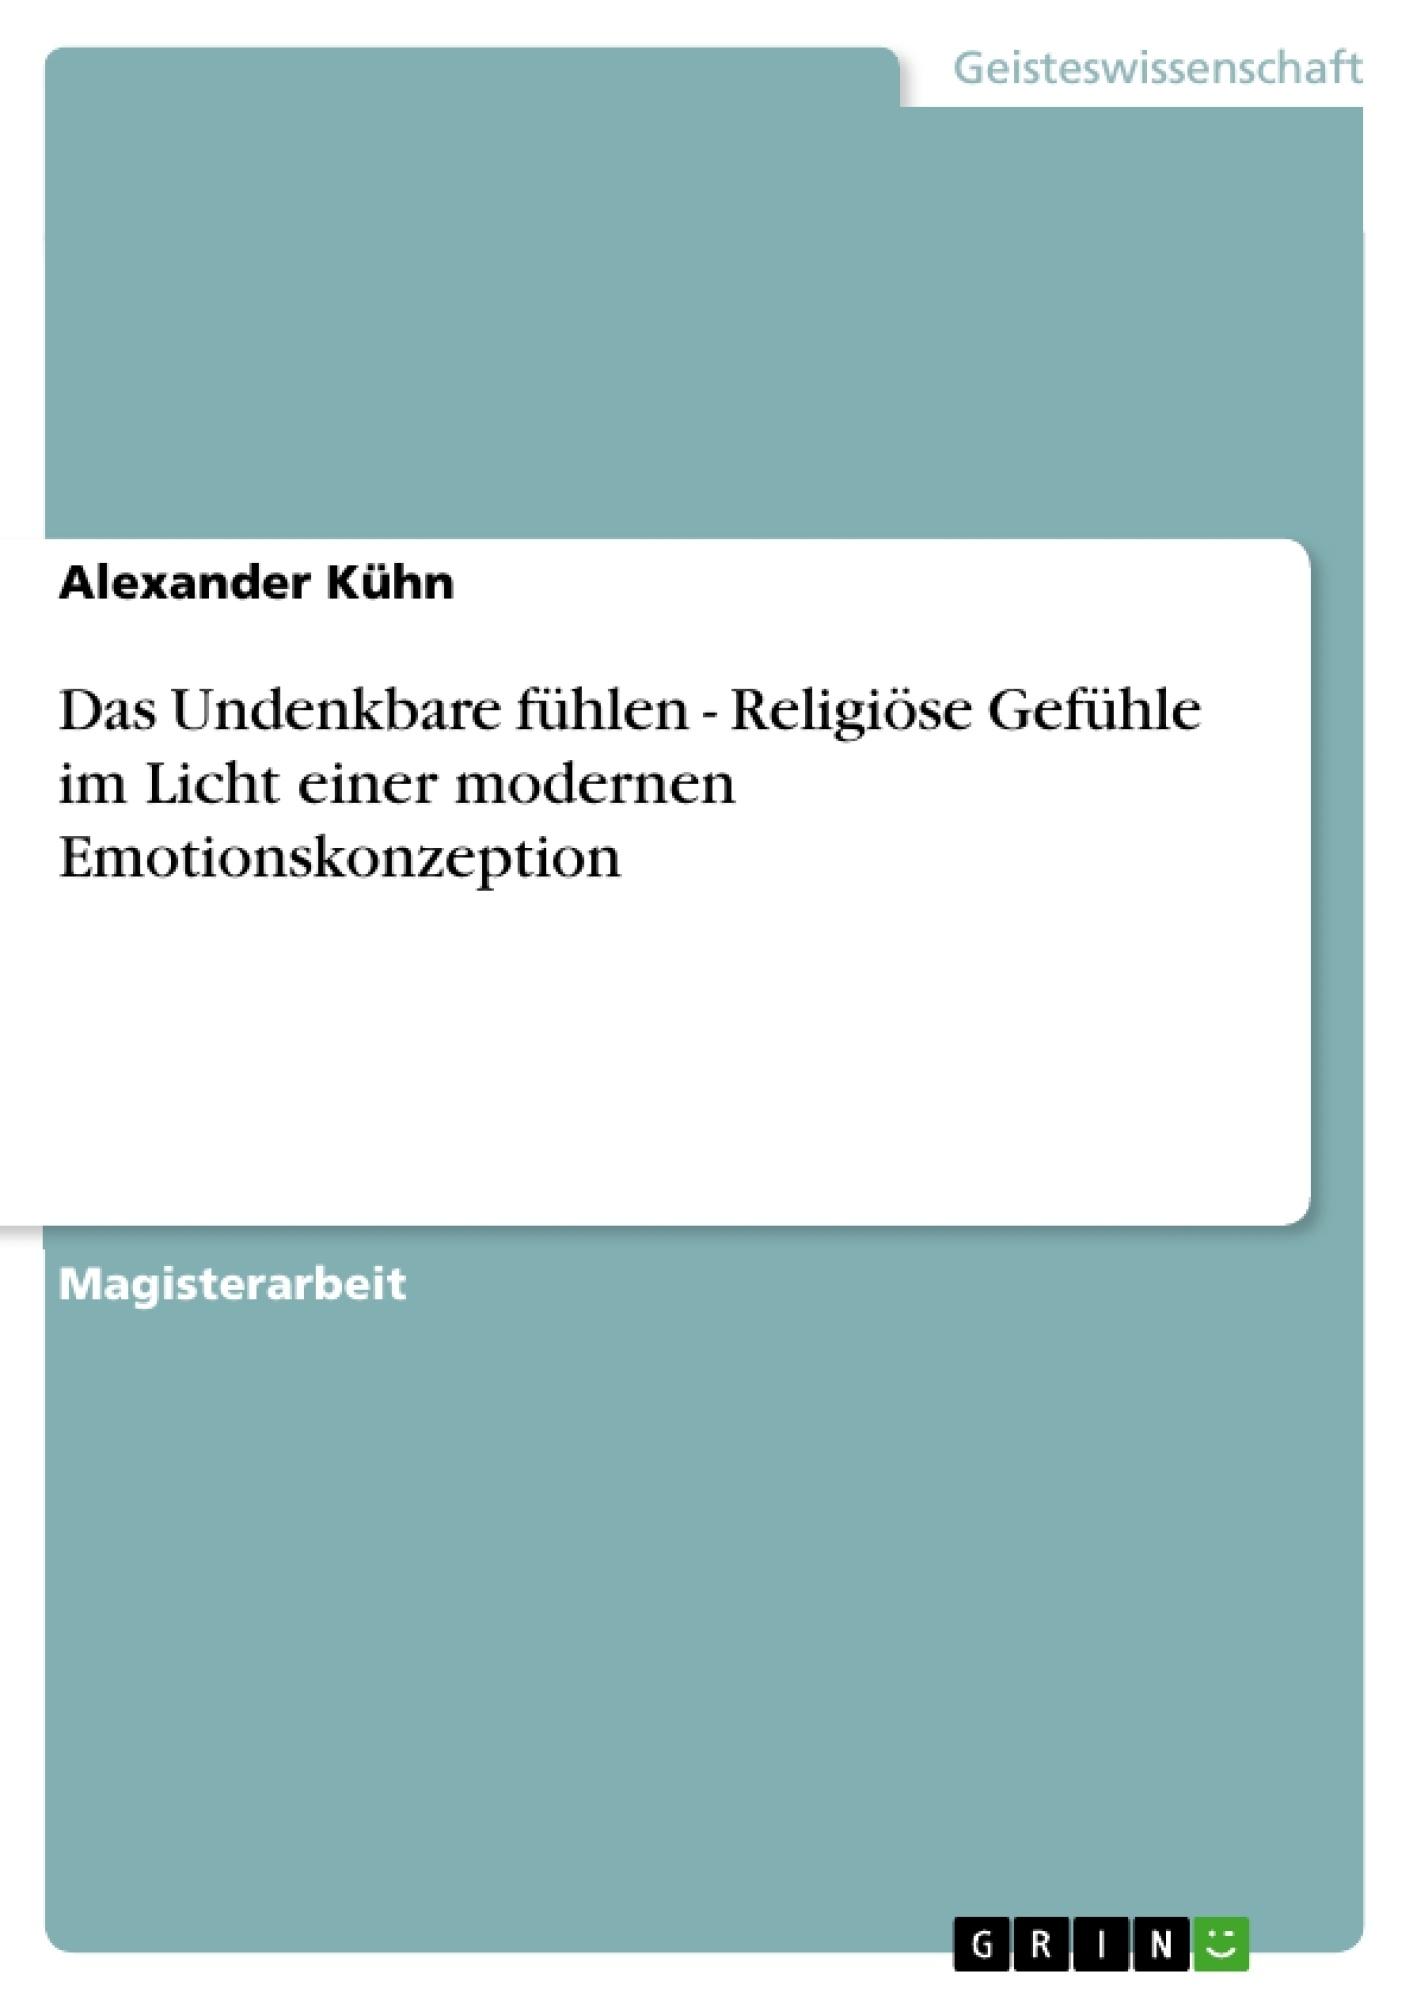 Titel: Das Undenkbare fühlen - Religiöse Gefühle im Licht  einer modernen Emotionskonzeption